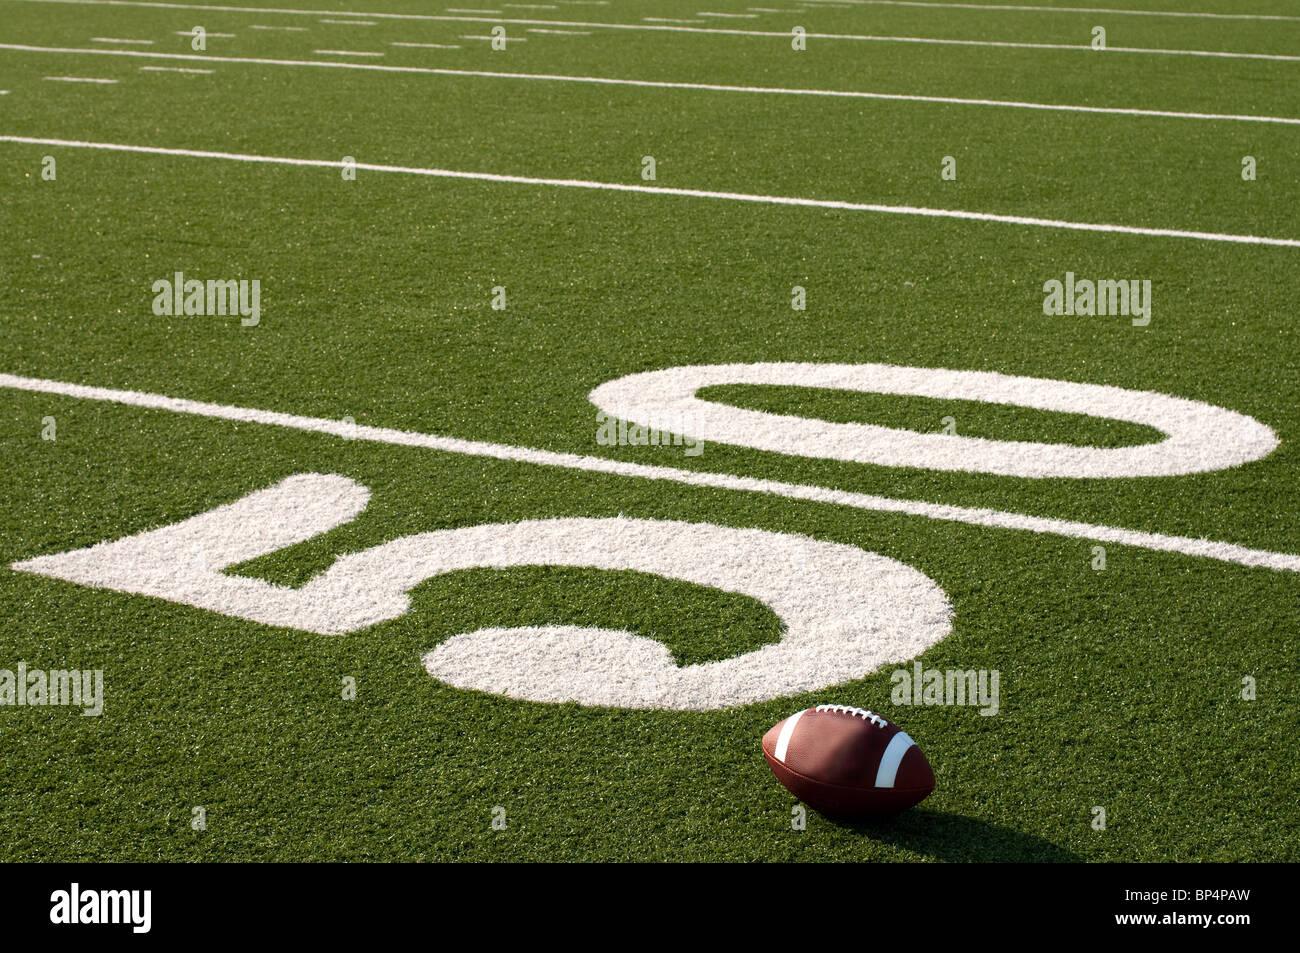 Il football americano sul campo accanto a 50 yard line. Immagini Stock